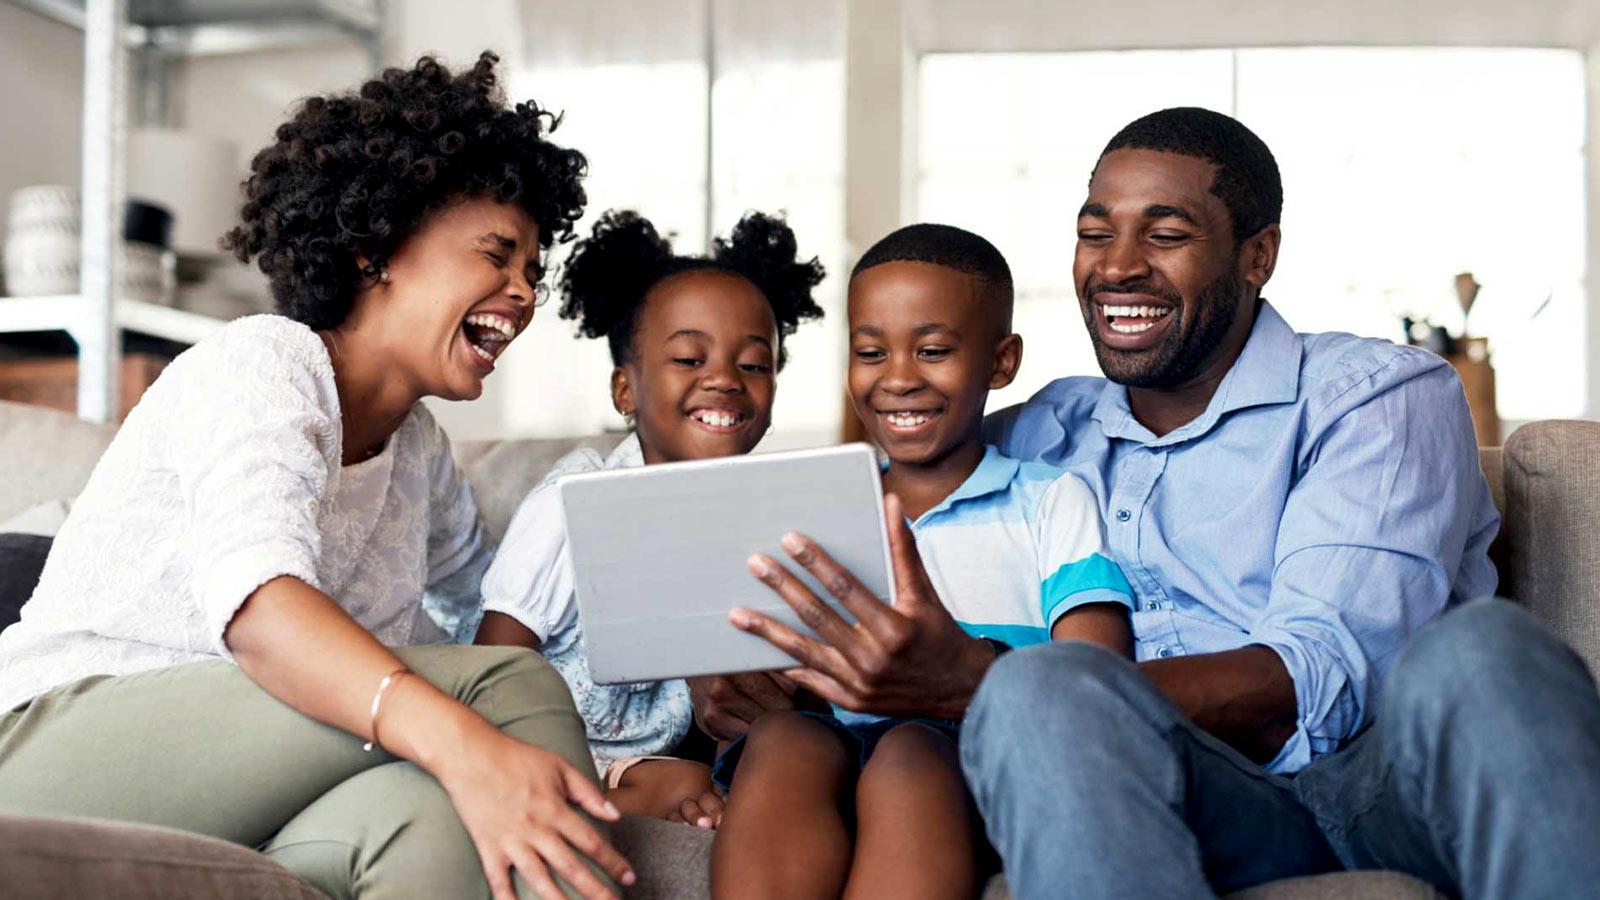 port mes das criancas 01a dumela - Especial mês das crianças: 4 canais do Youtube de vídeo infantil animado